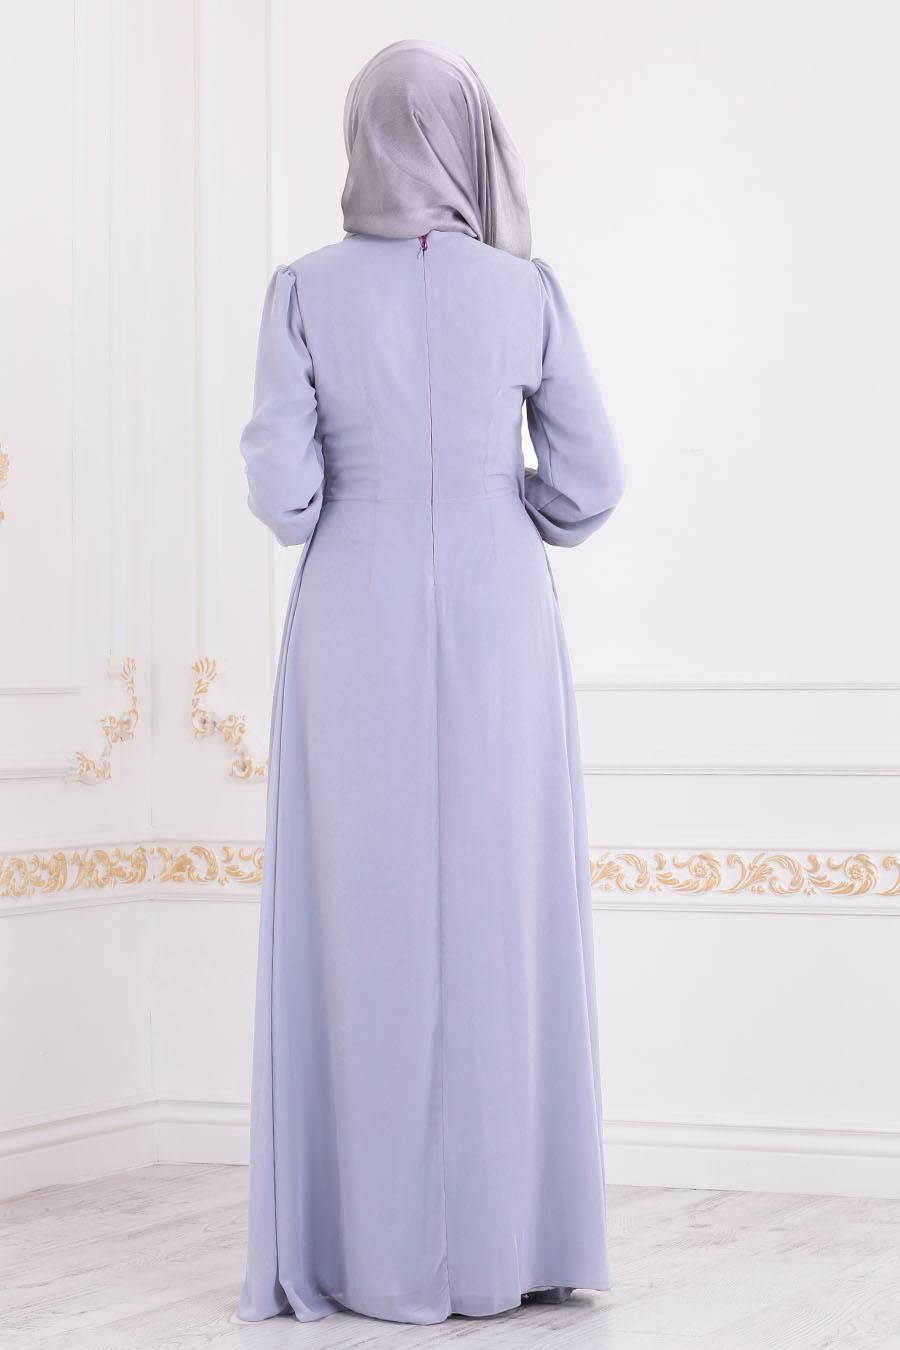 Nayla Collection - Pul Detaylı Gri Tesettür Abiye Elbise 25717GR